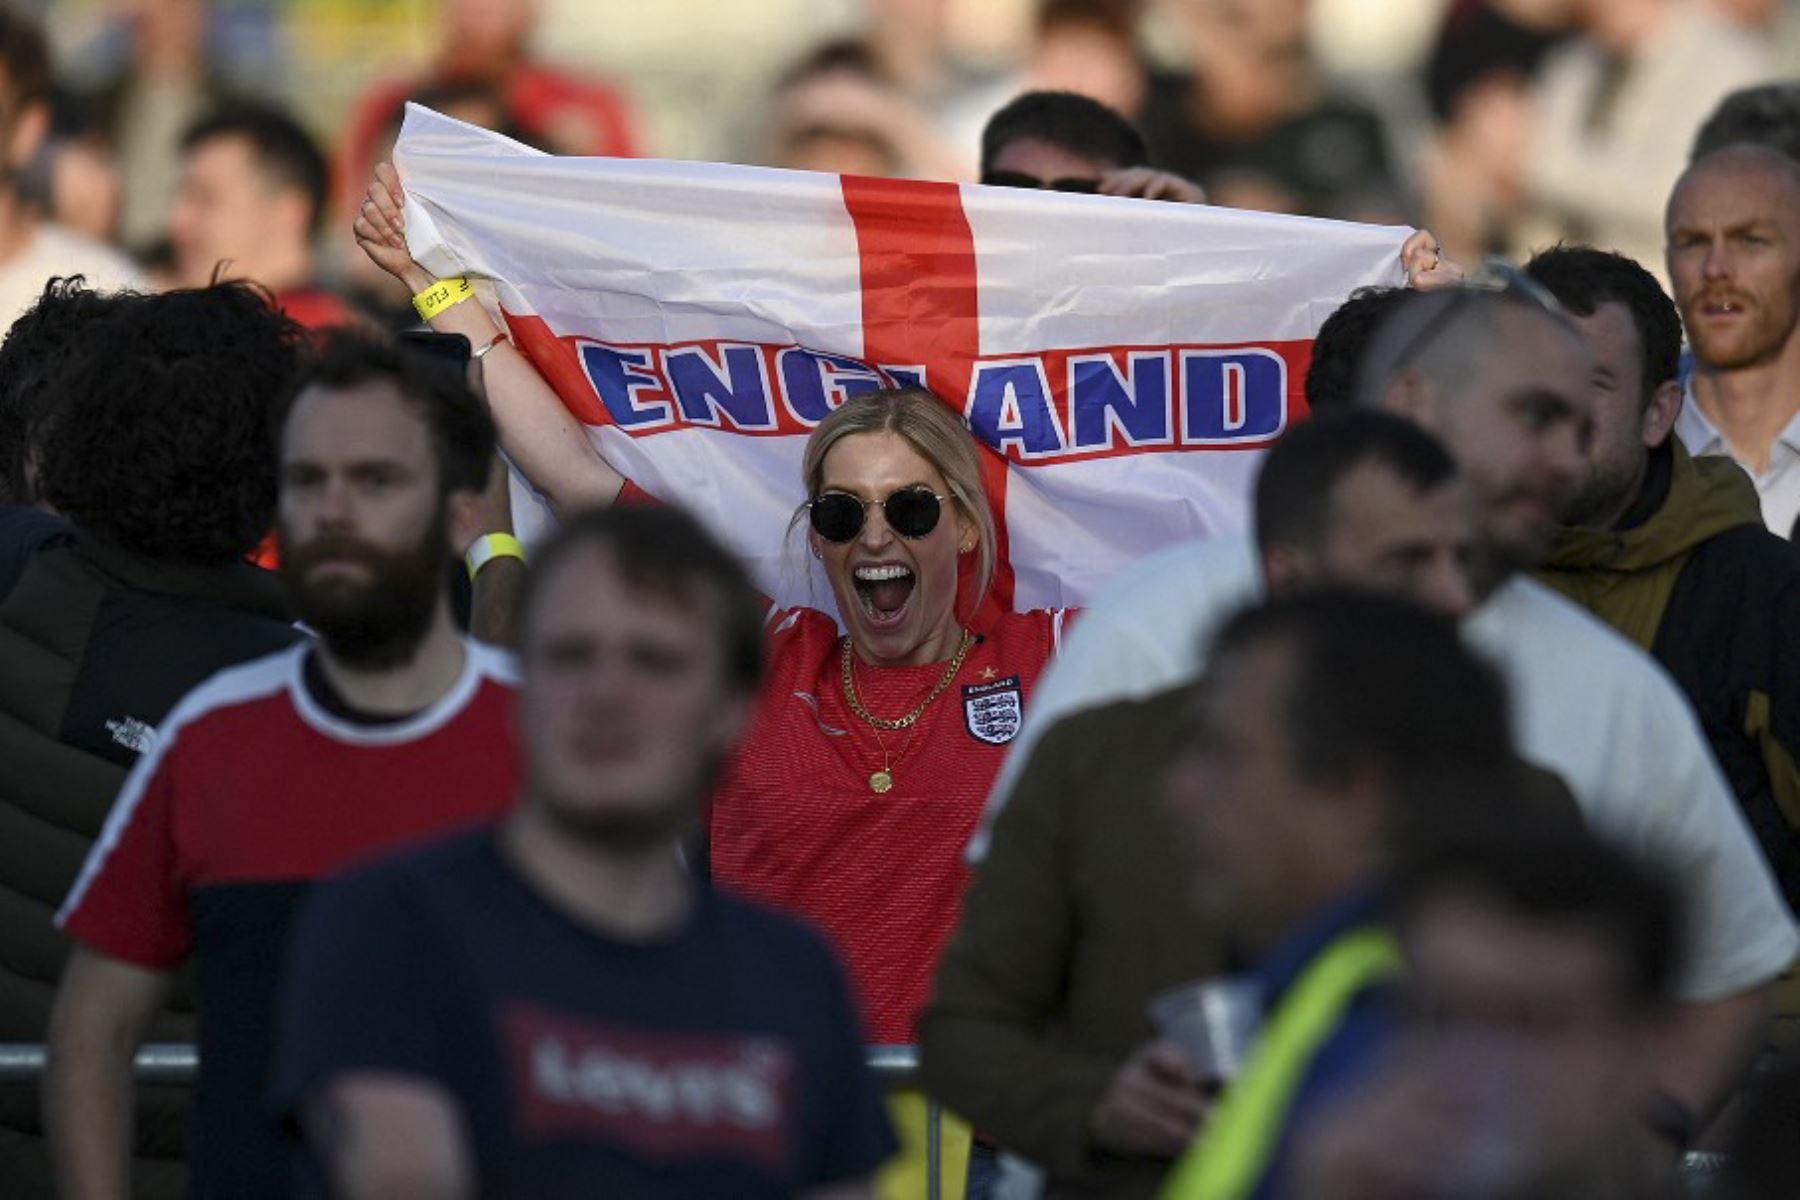 Los seguidores de Inglaterra reaccionan en el 4TheFans Fan Park en Manchester, mientras ven el partido de fútbol de la UEFA EURO 2020 entre Inglaterra y la República Checa, que se jugará en Londres el 22 de junio de 2021. Foto: AFP